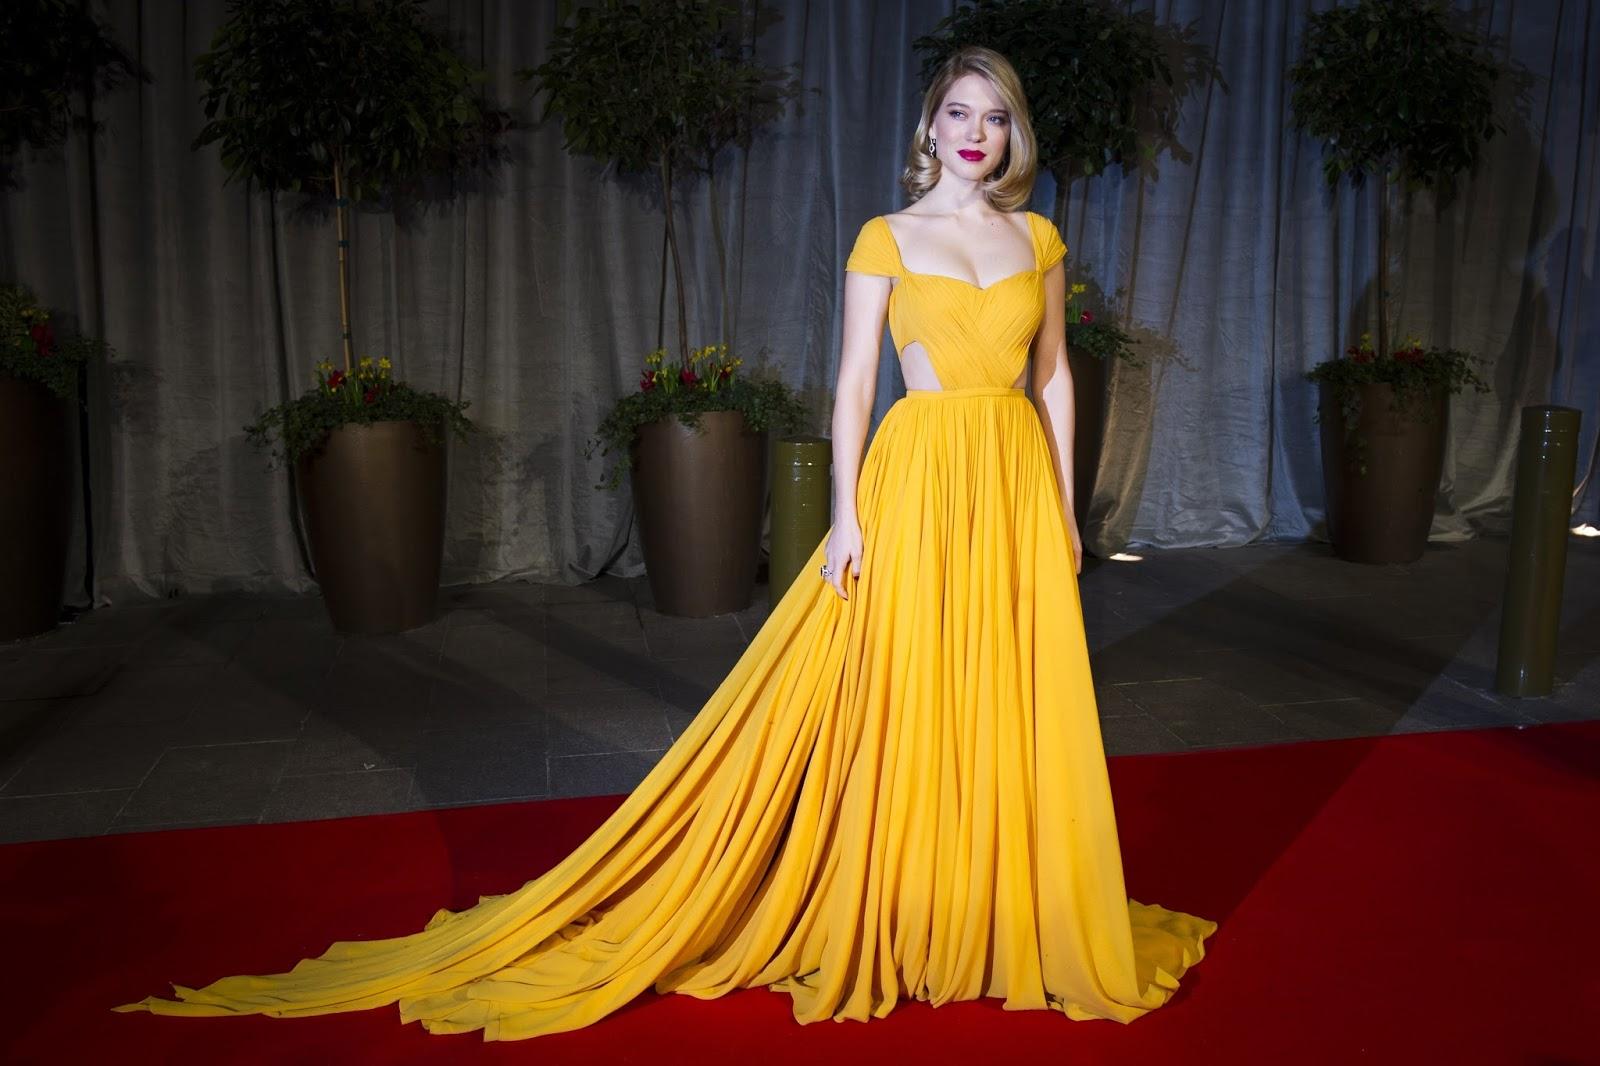 Les plus belles robes de soiree haute couture